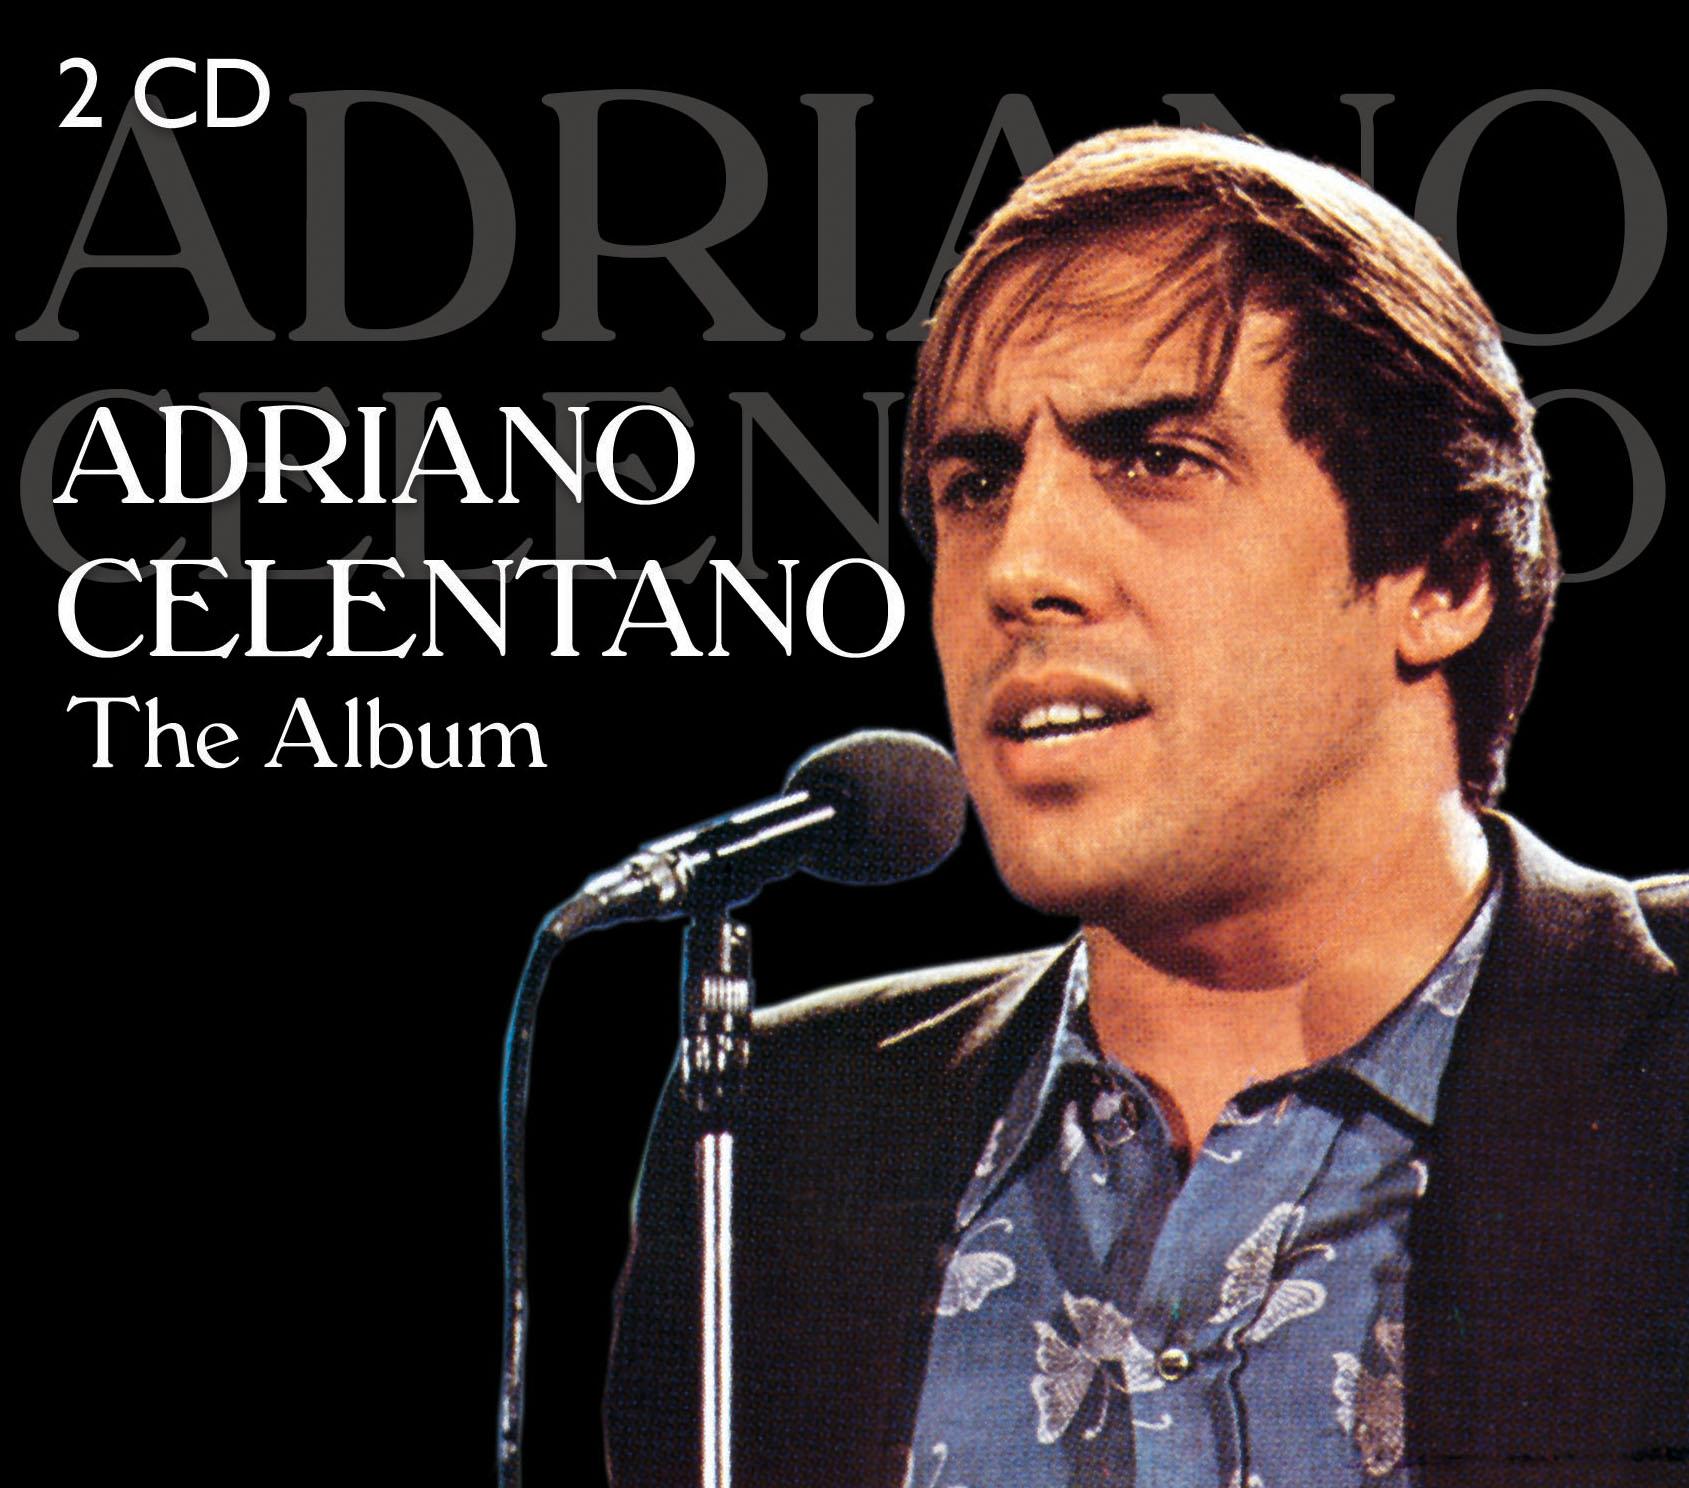 Адриано челентано альбомы